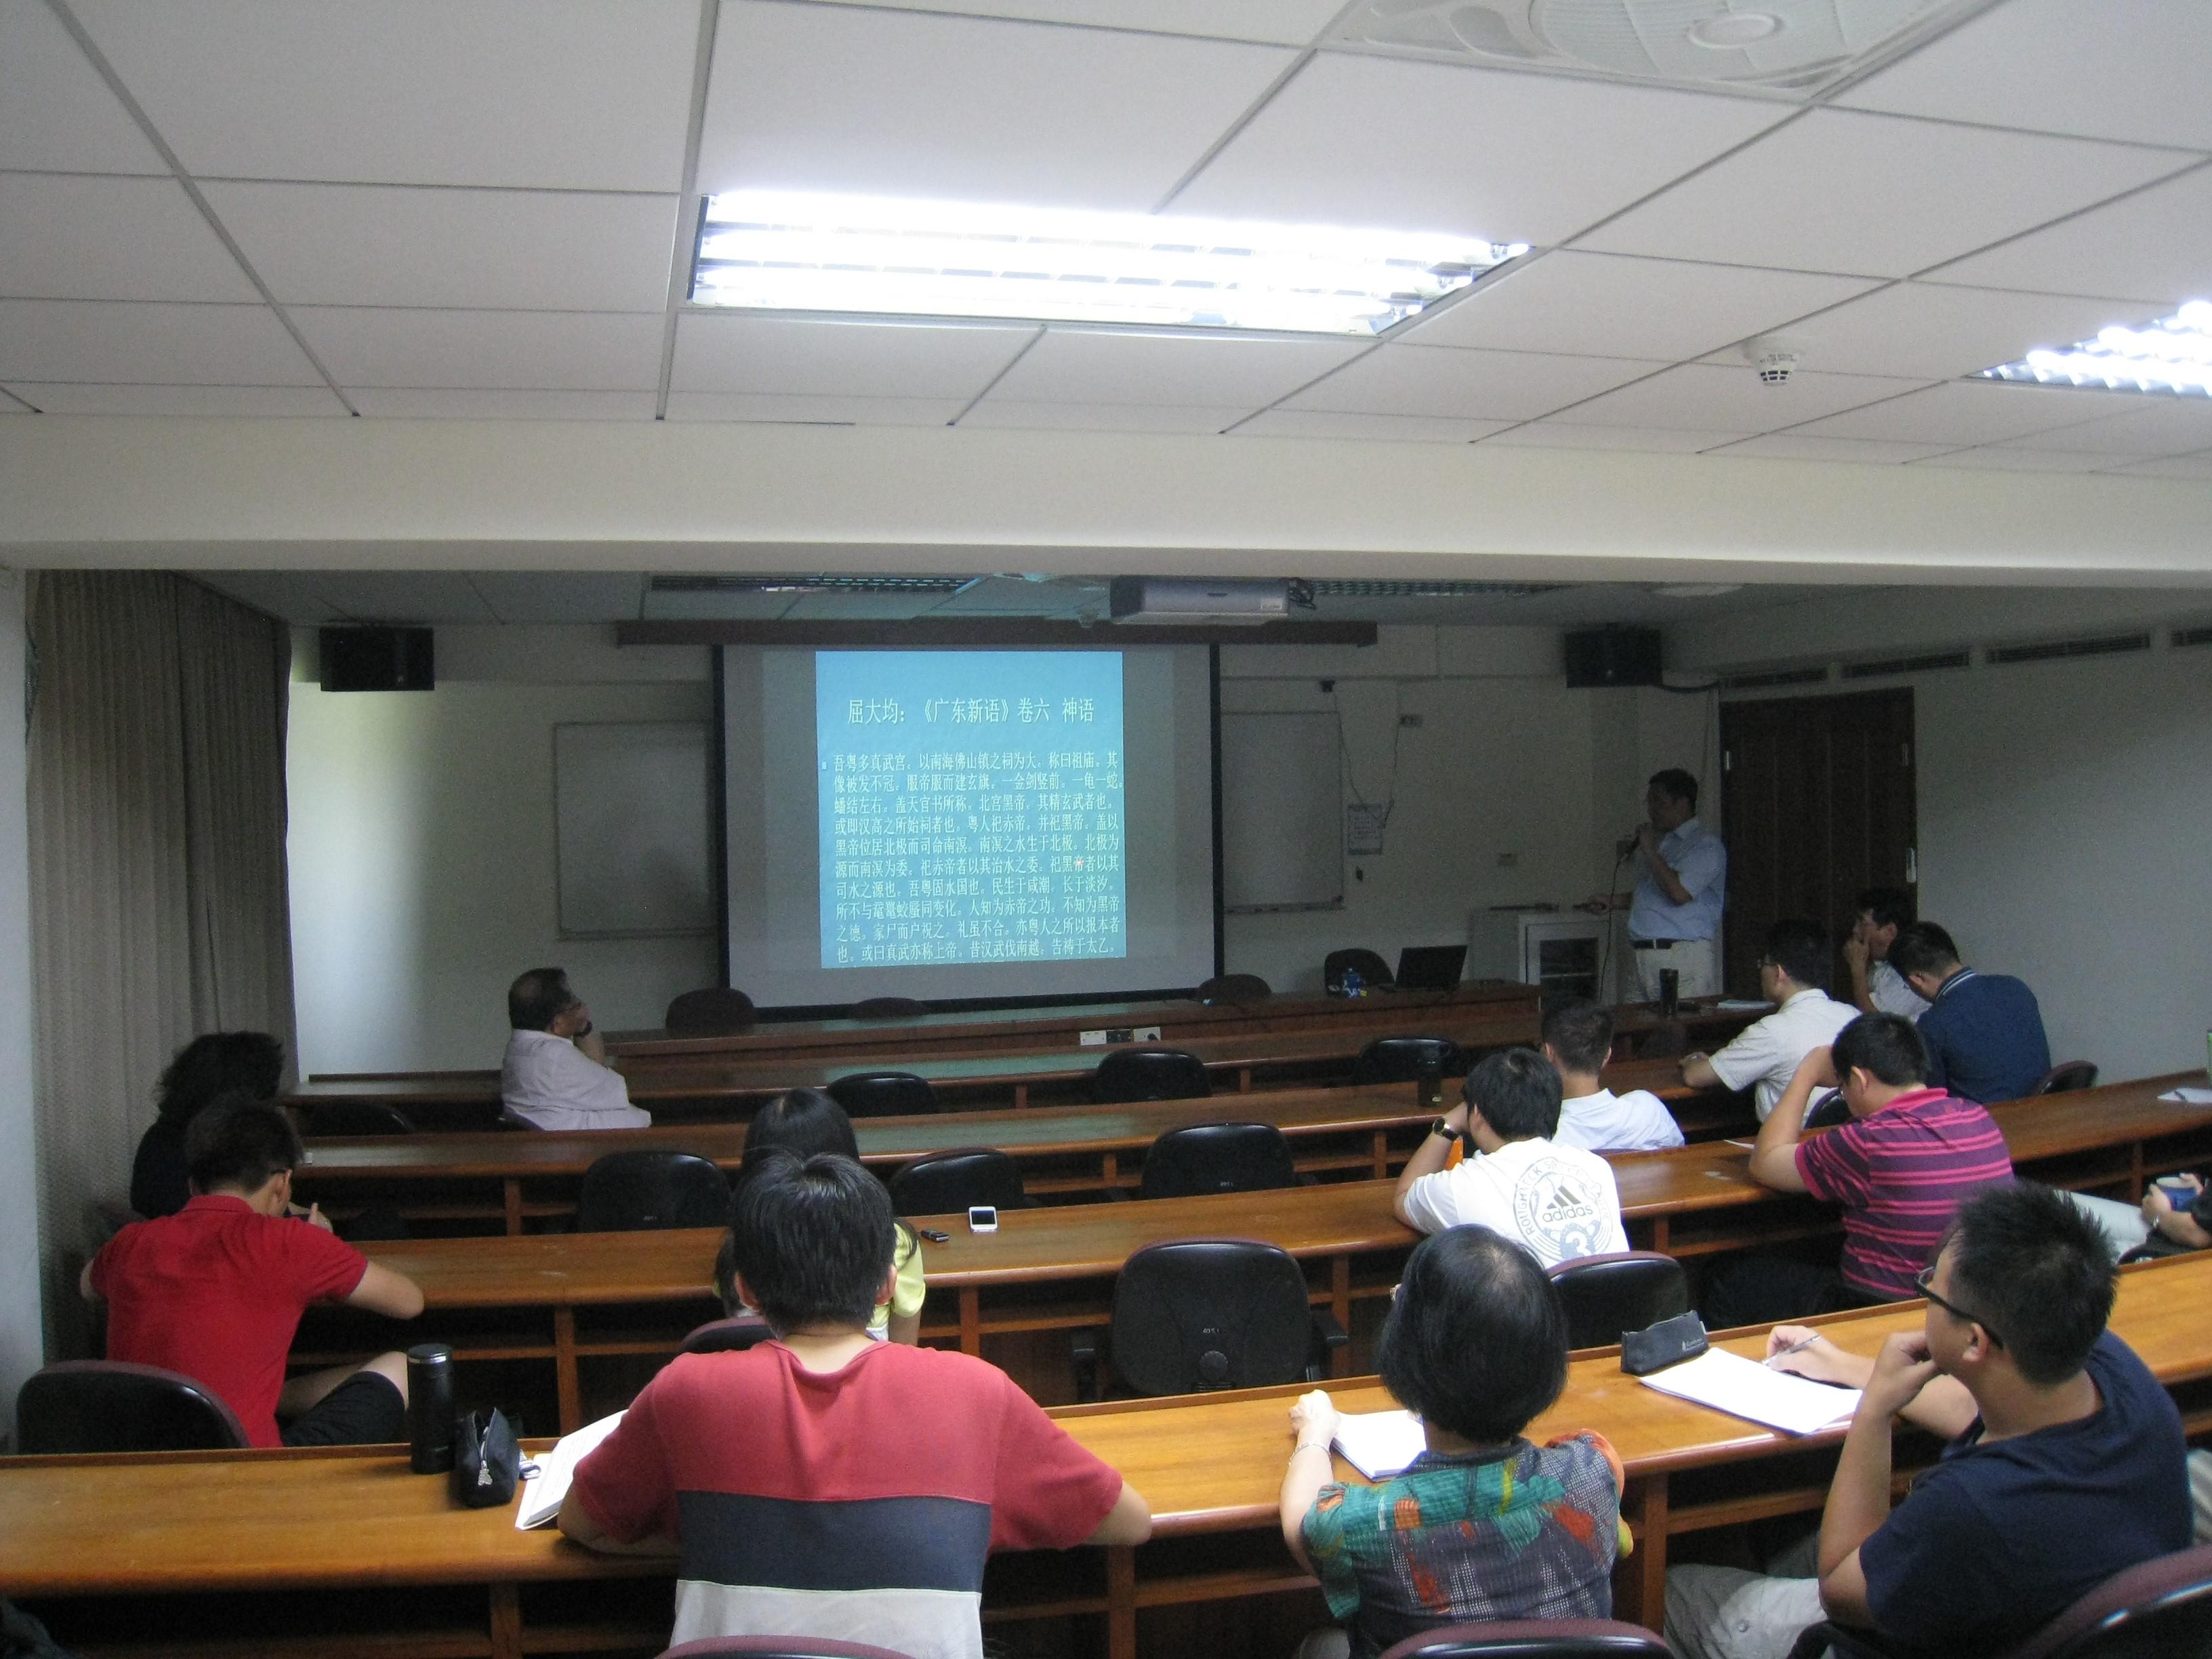 劉志偉教授演講「珠江三角洲的北帝崇拜——兼談所謂『正統化』問題」紀要